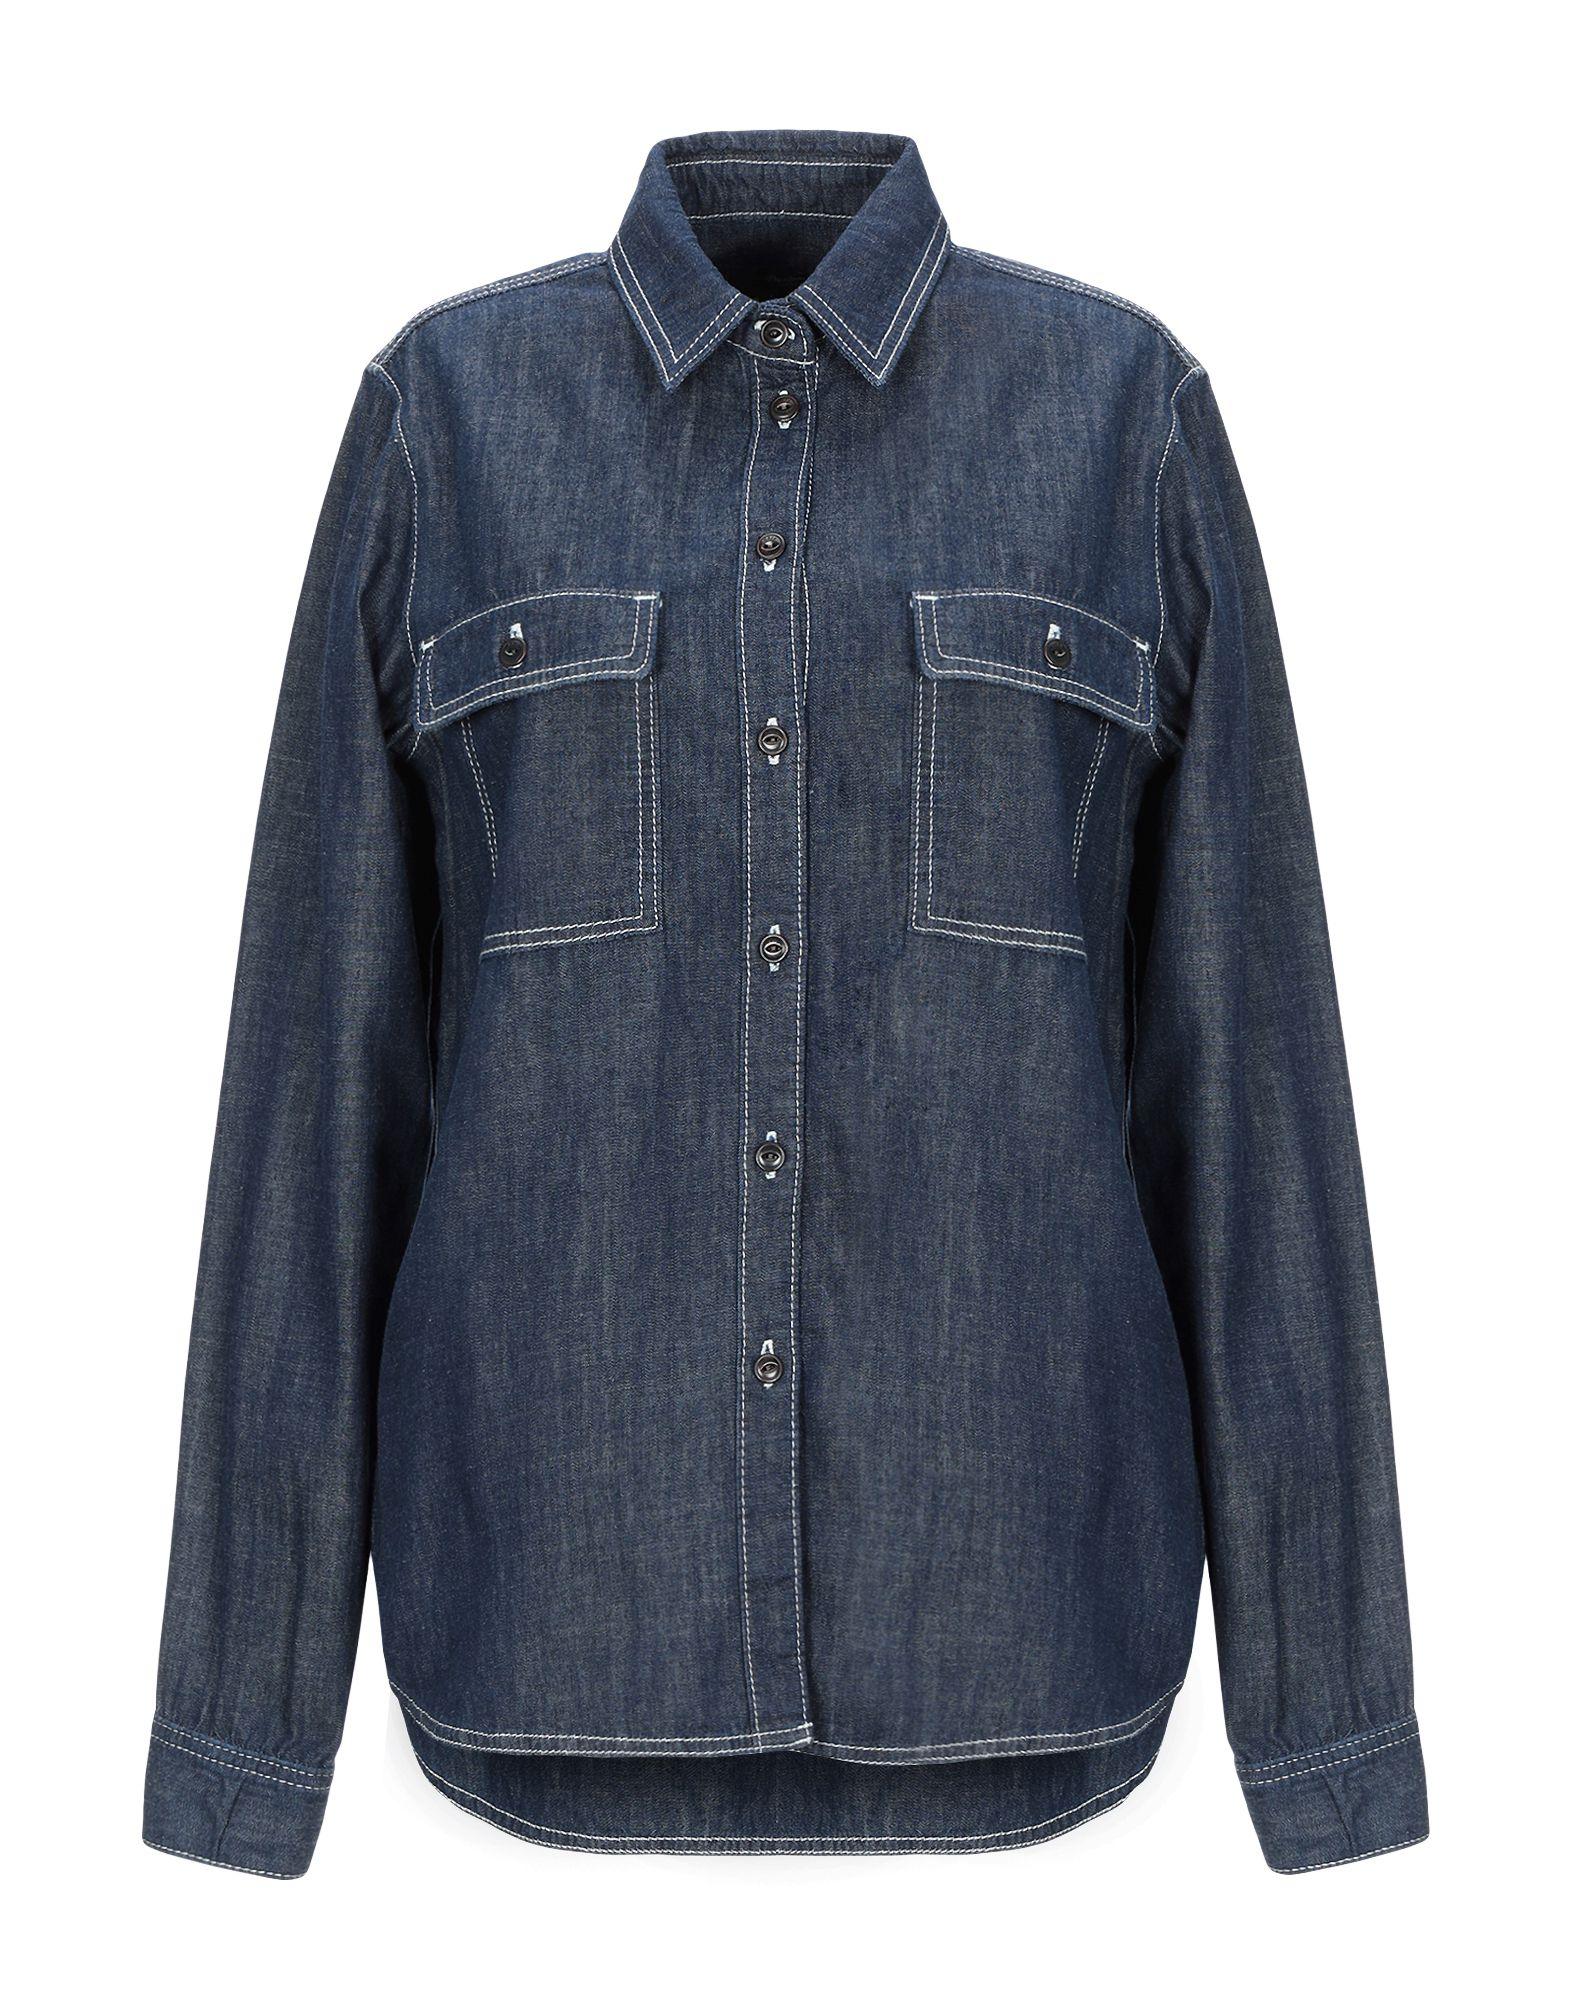 PEPE JEANS Джинсовая рубашка life sux джинсовая рубашка